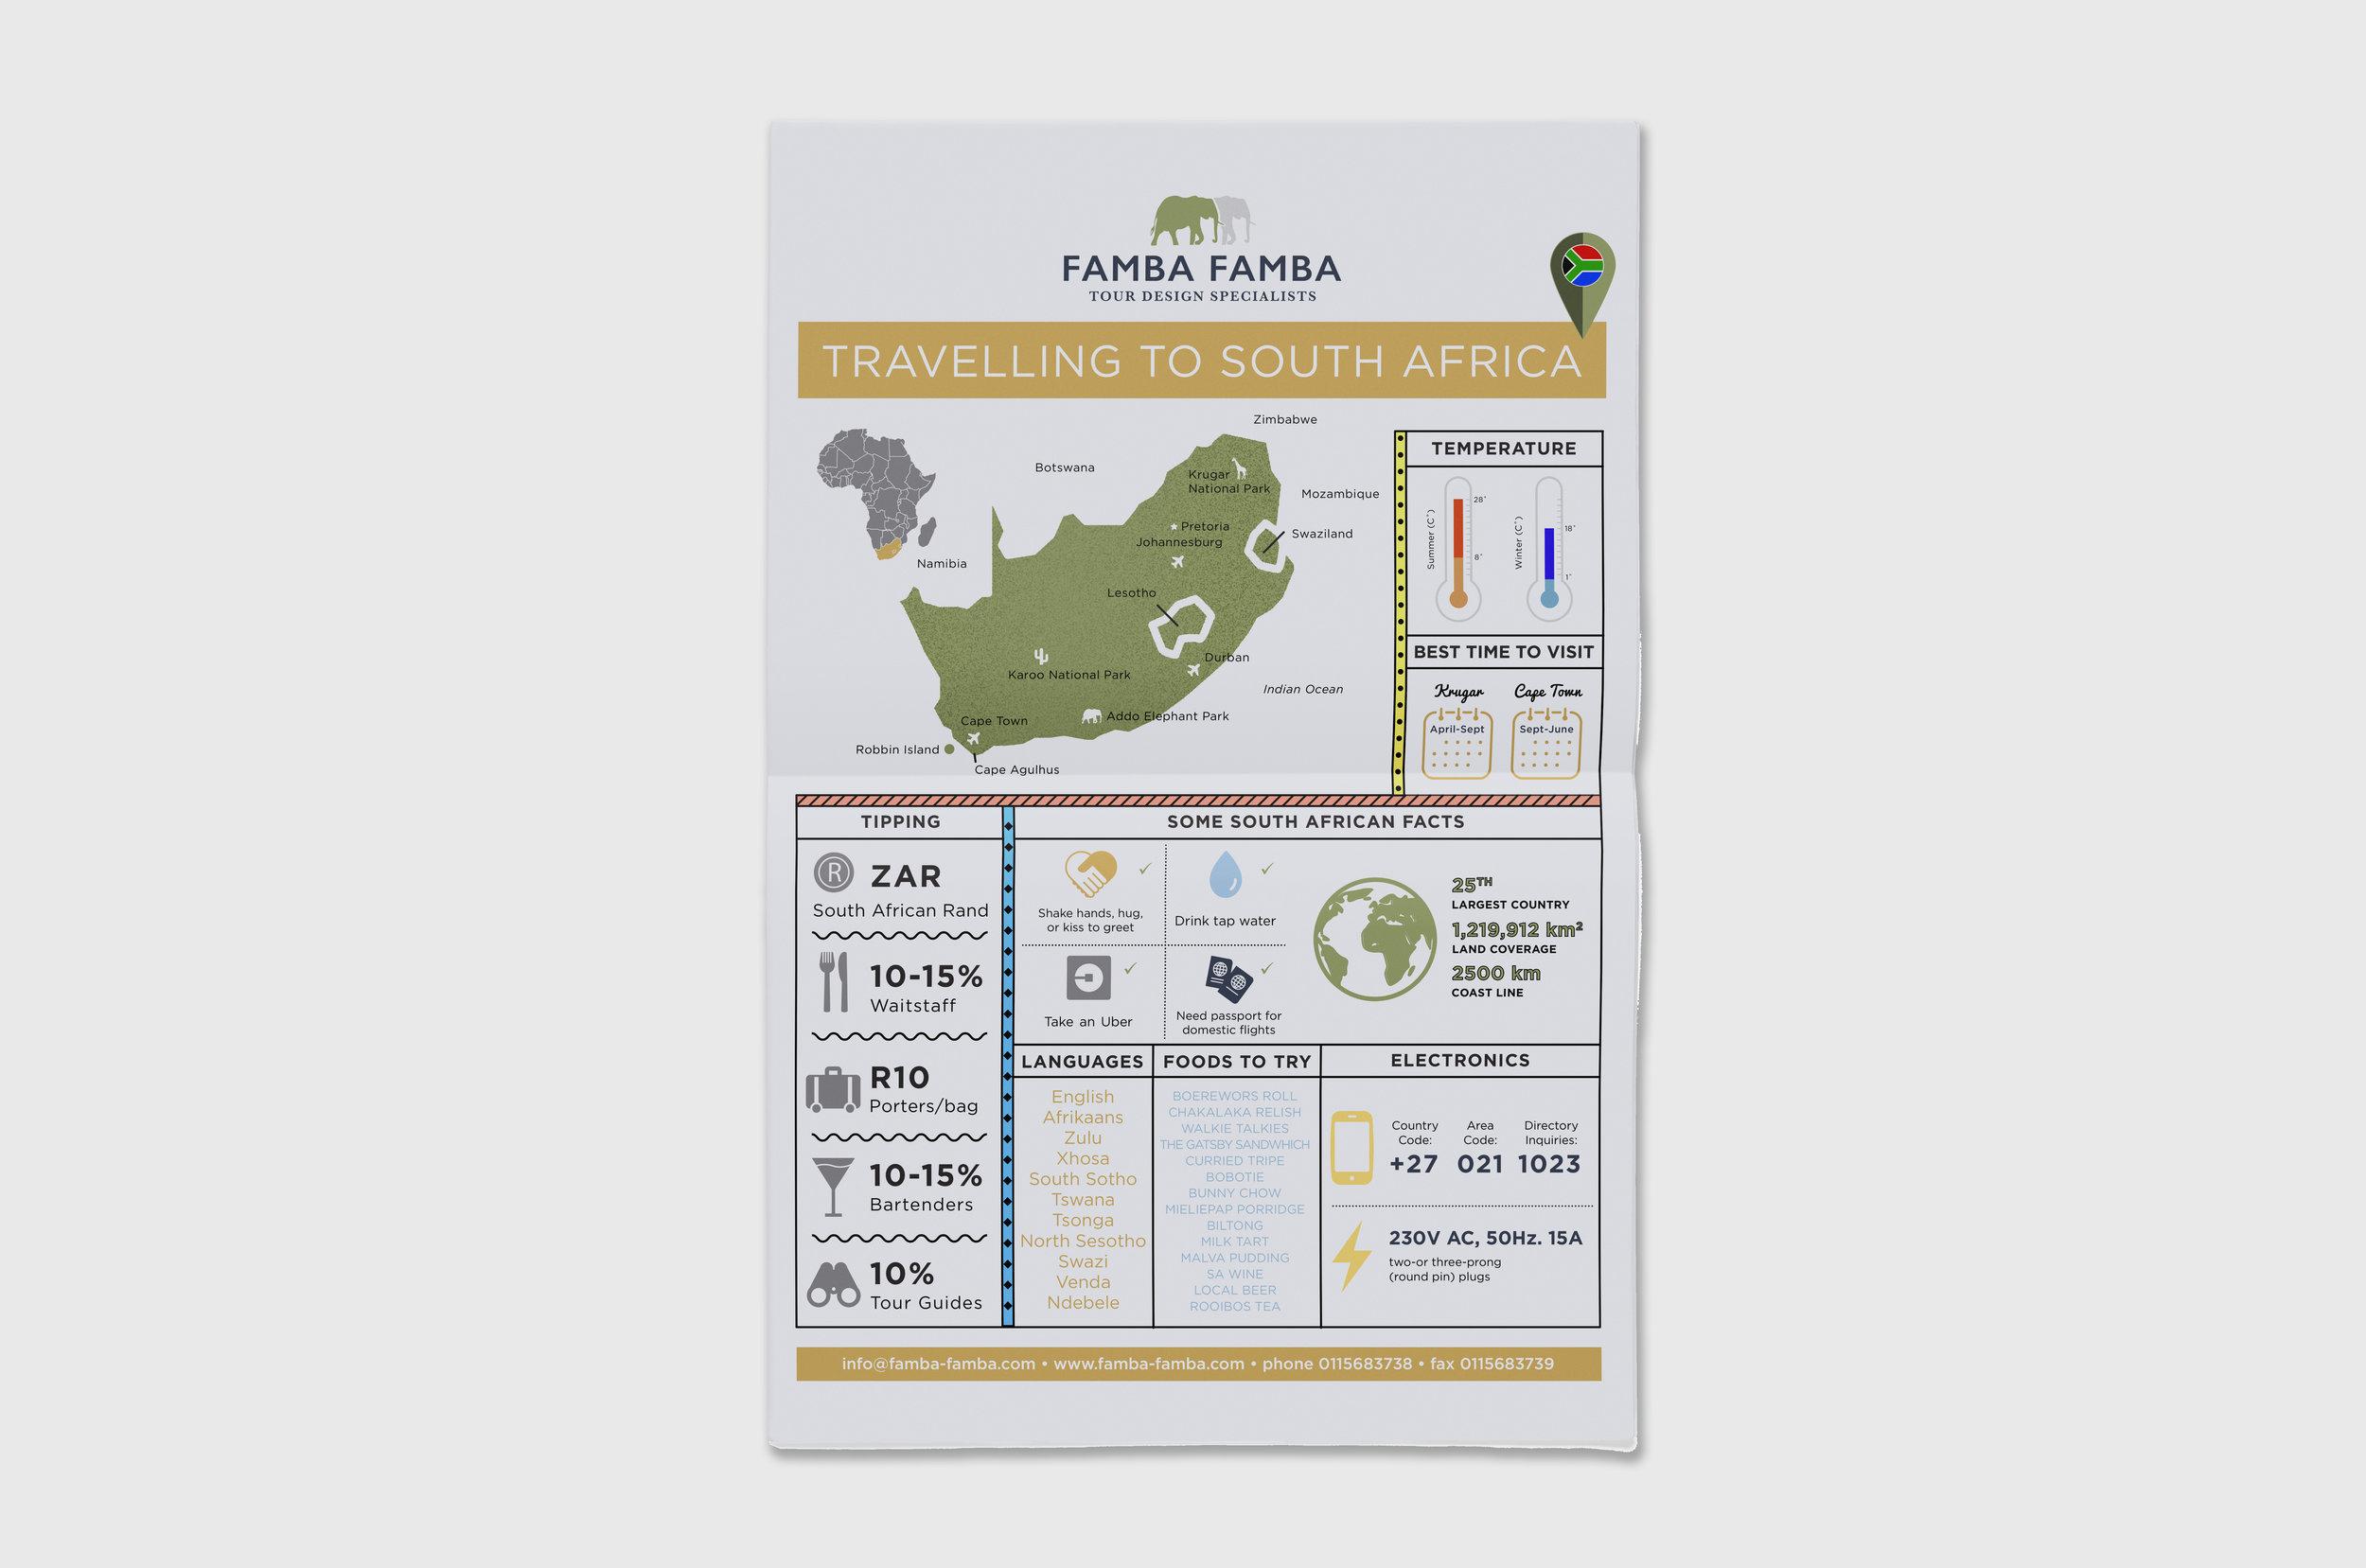 famba_infographic_2.jpg